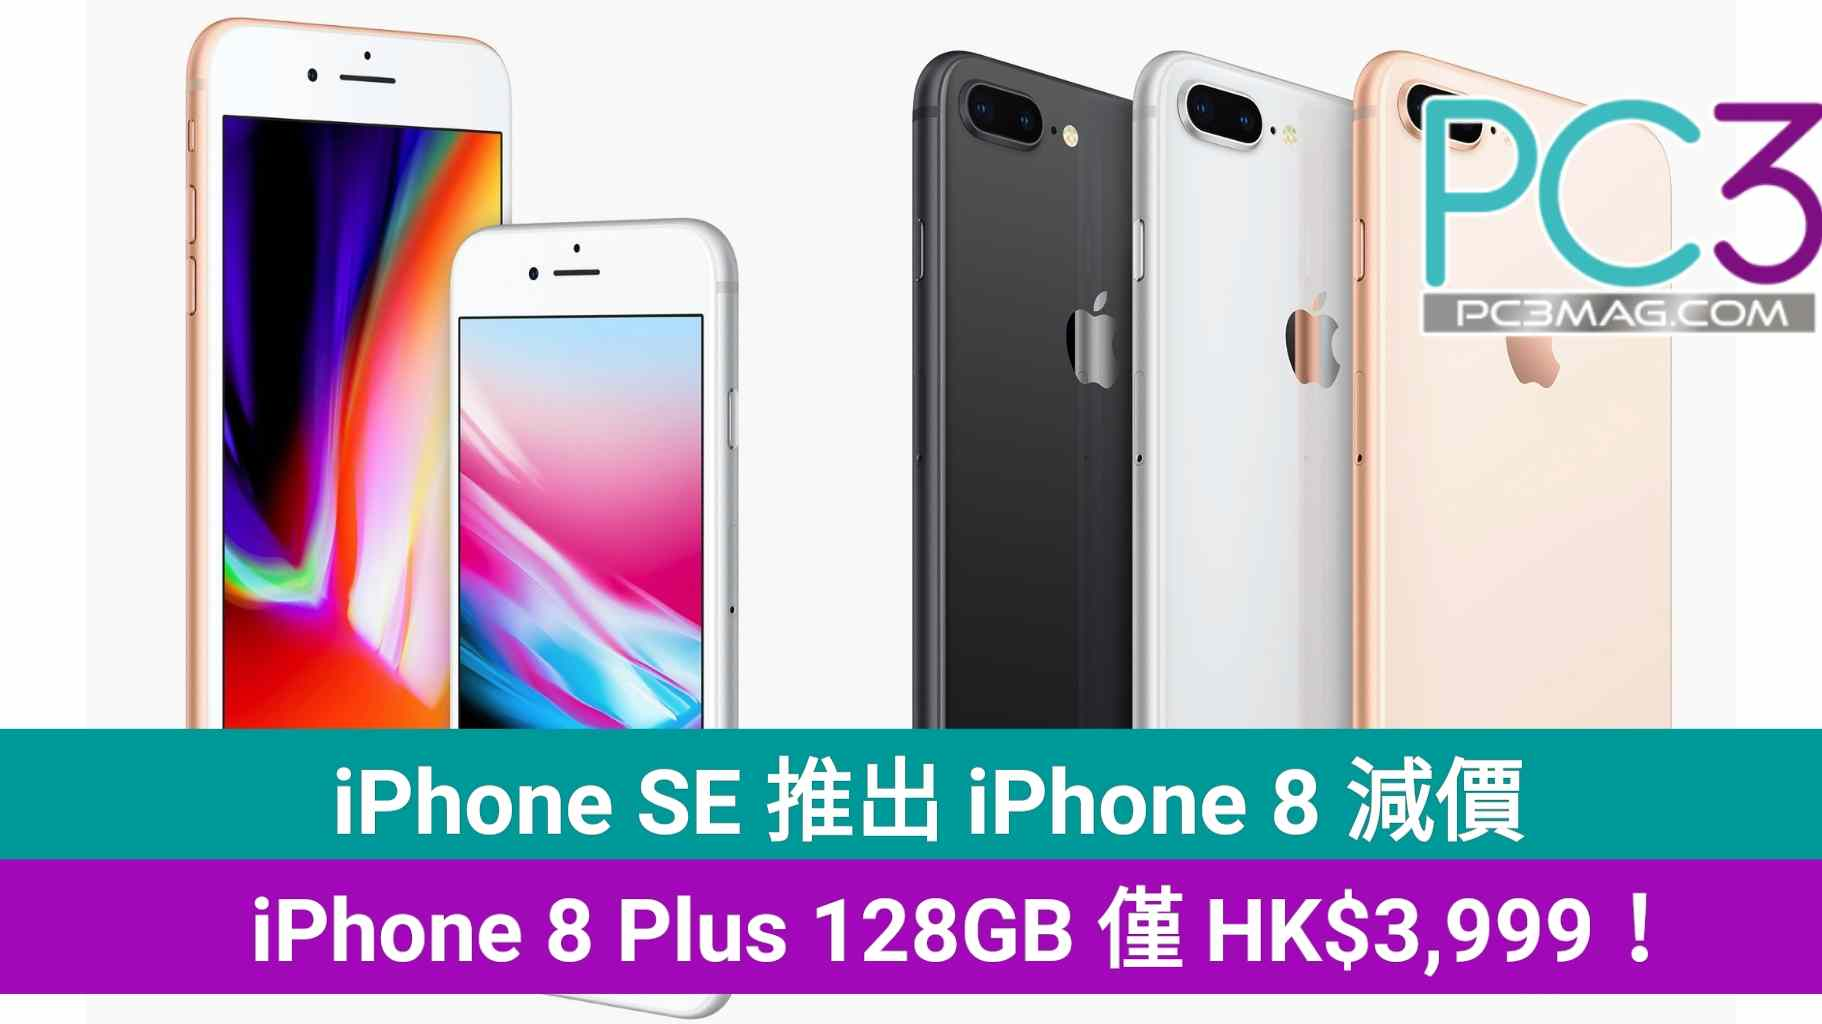 iPhone SE 推出 iPhone 8 減價,iPhone 8 Plus 128GB 僅 HK$3,999! - Yahoo奇摩時尚美妝